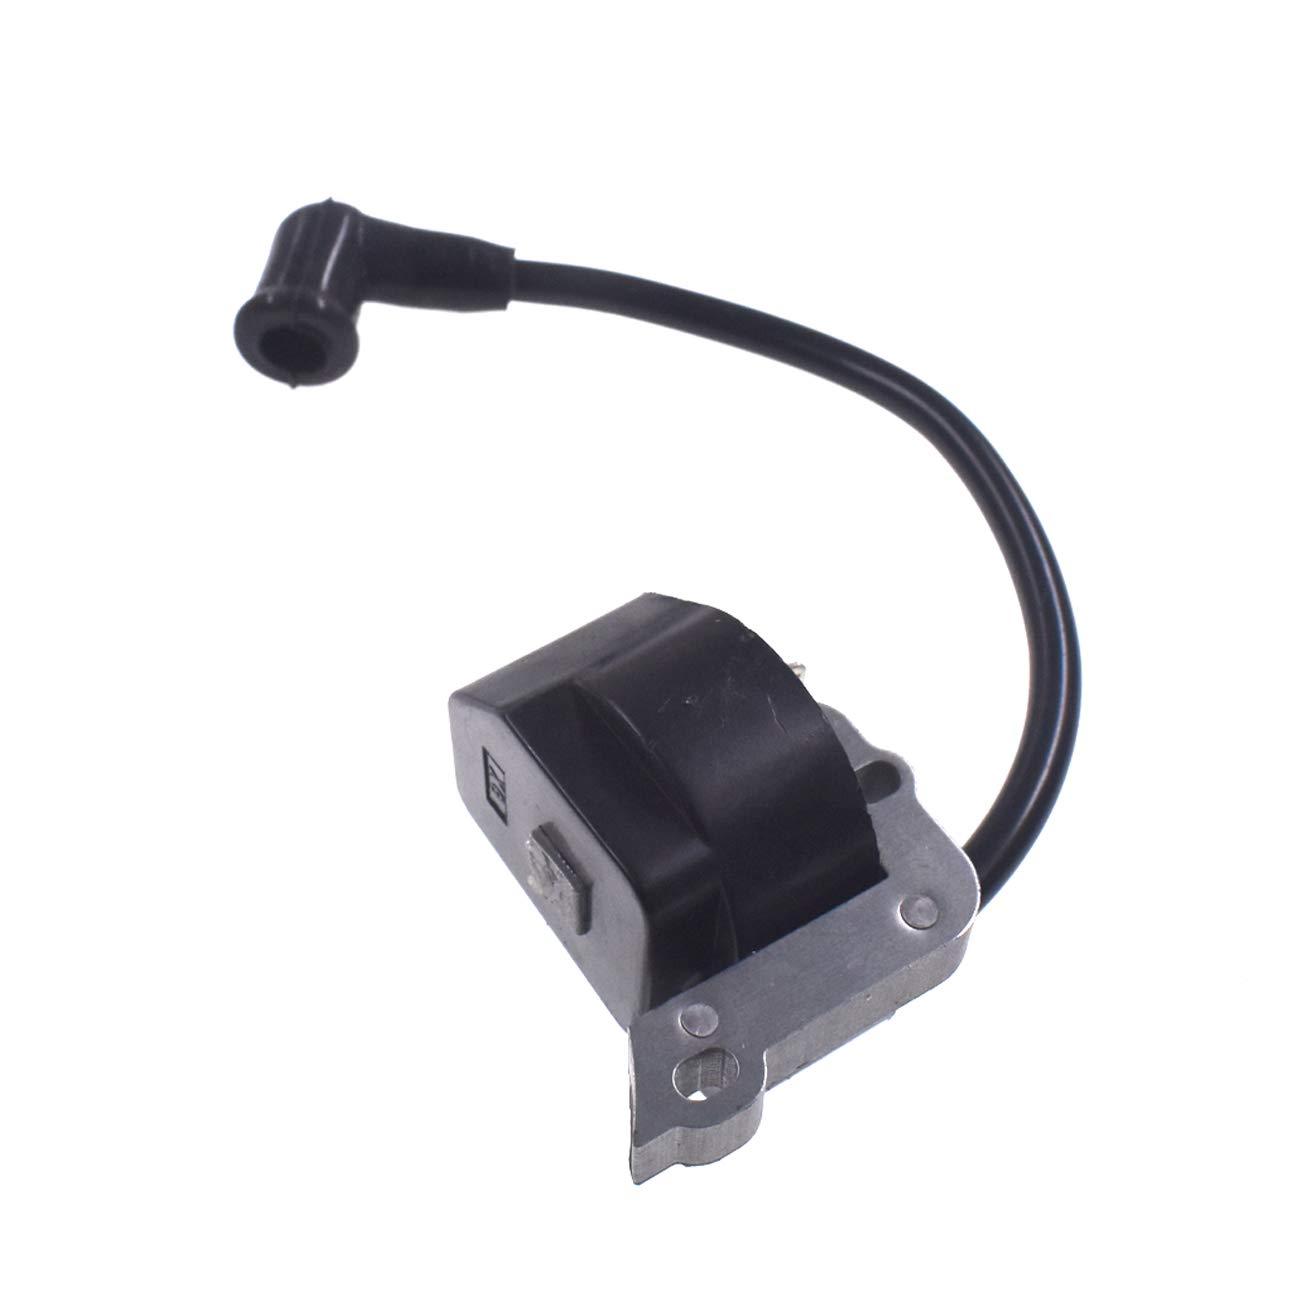 Z/ündspule Passend f/ür STIHL FS38 FS45 FS46 FS55 KM55 4140 1306A Trimmer Motor